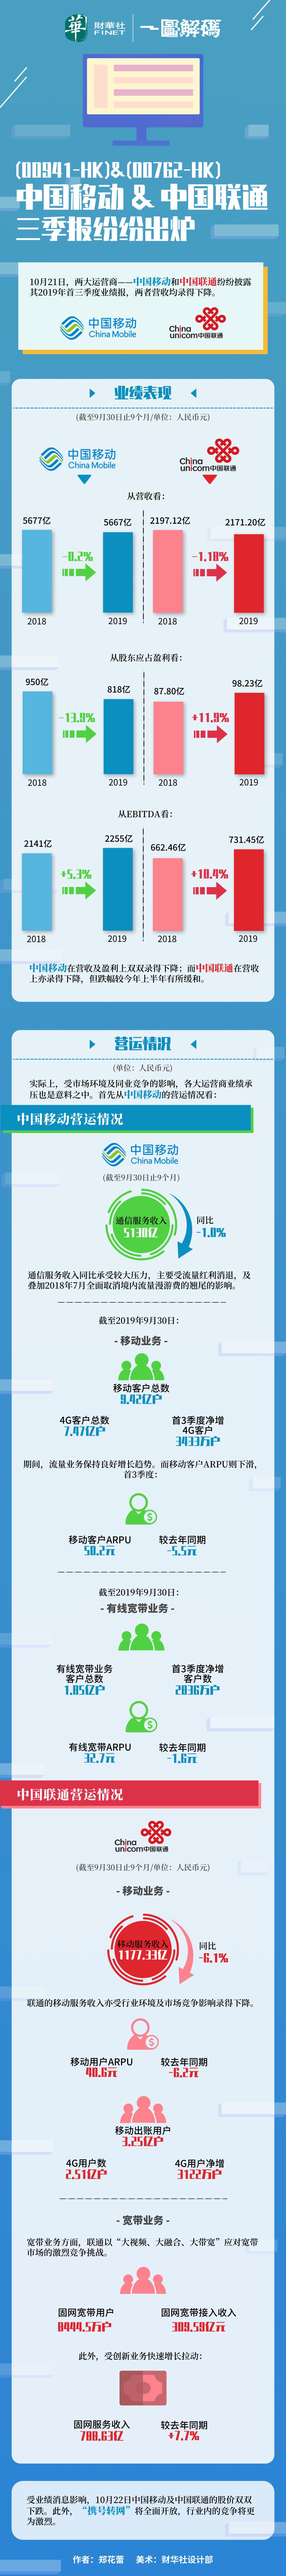 一图解码:中国移动&中国联通三季报纷纷出炉